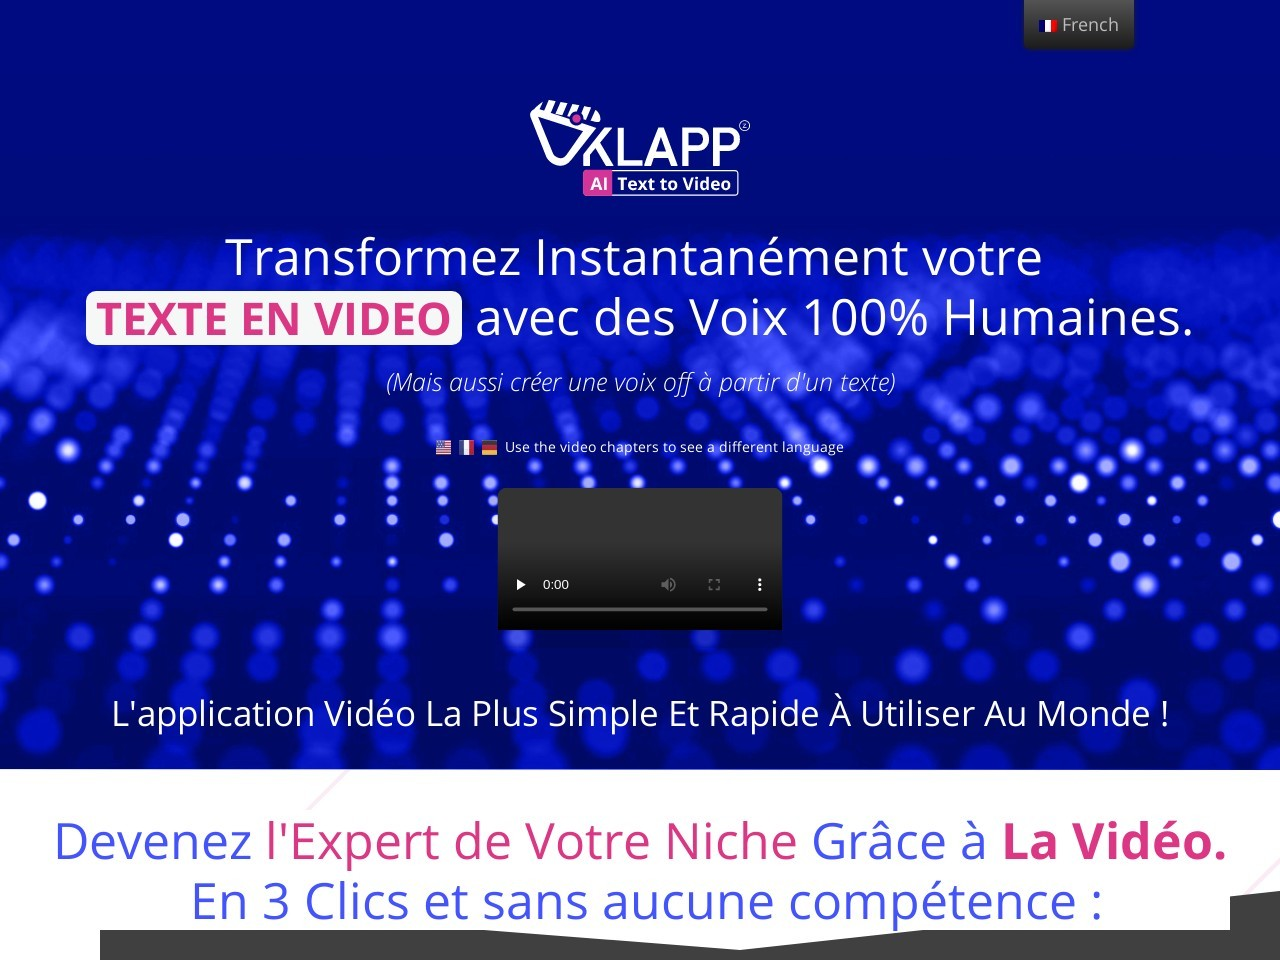 klappz.com